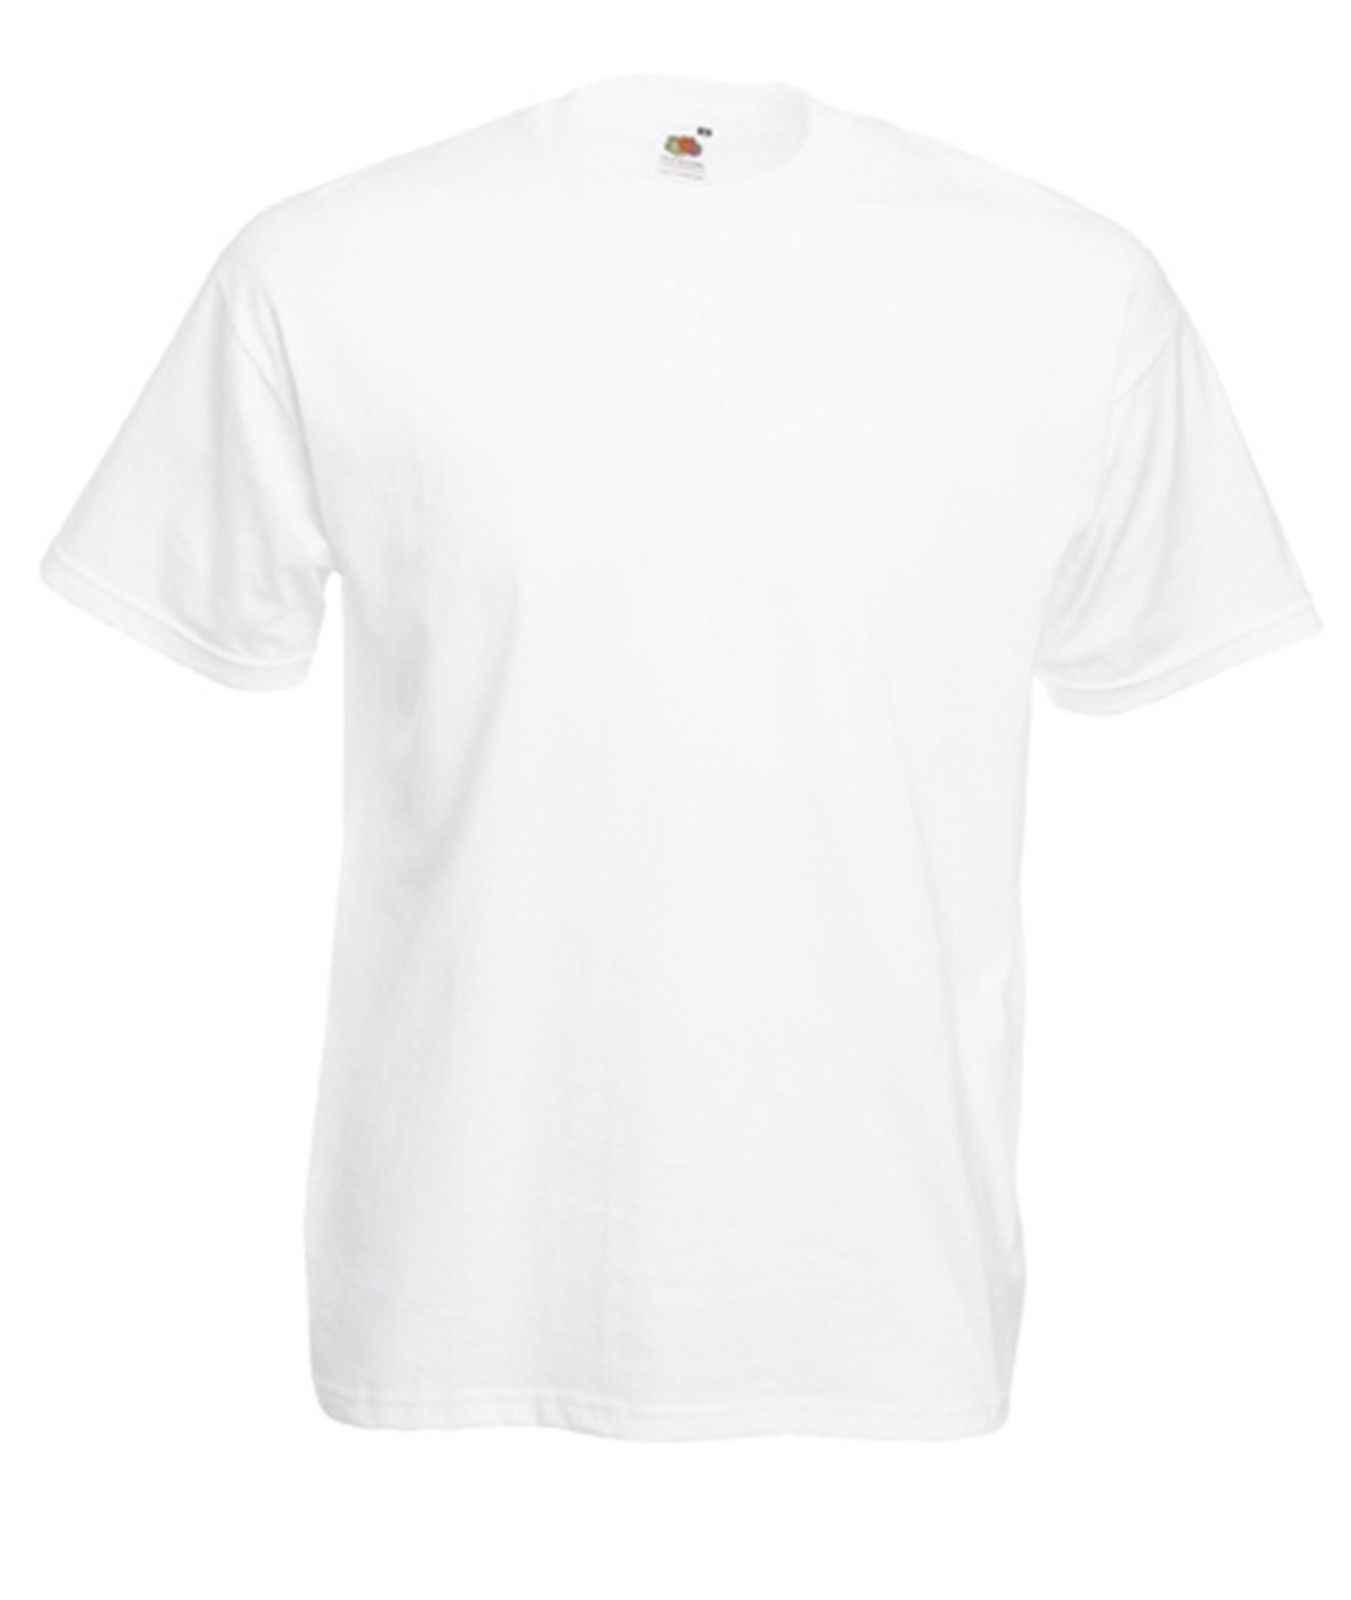 Джокер тройник забавный фильм подарок Рождественские идеи подарка на день рождения Мужская Женская футболка Топ